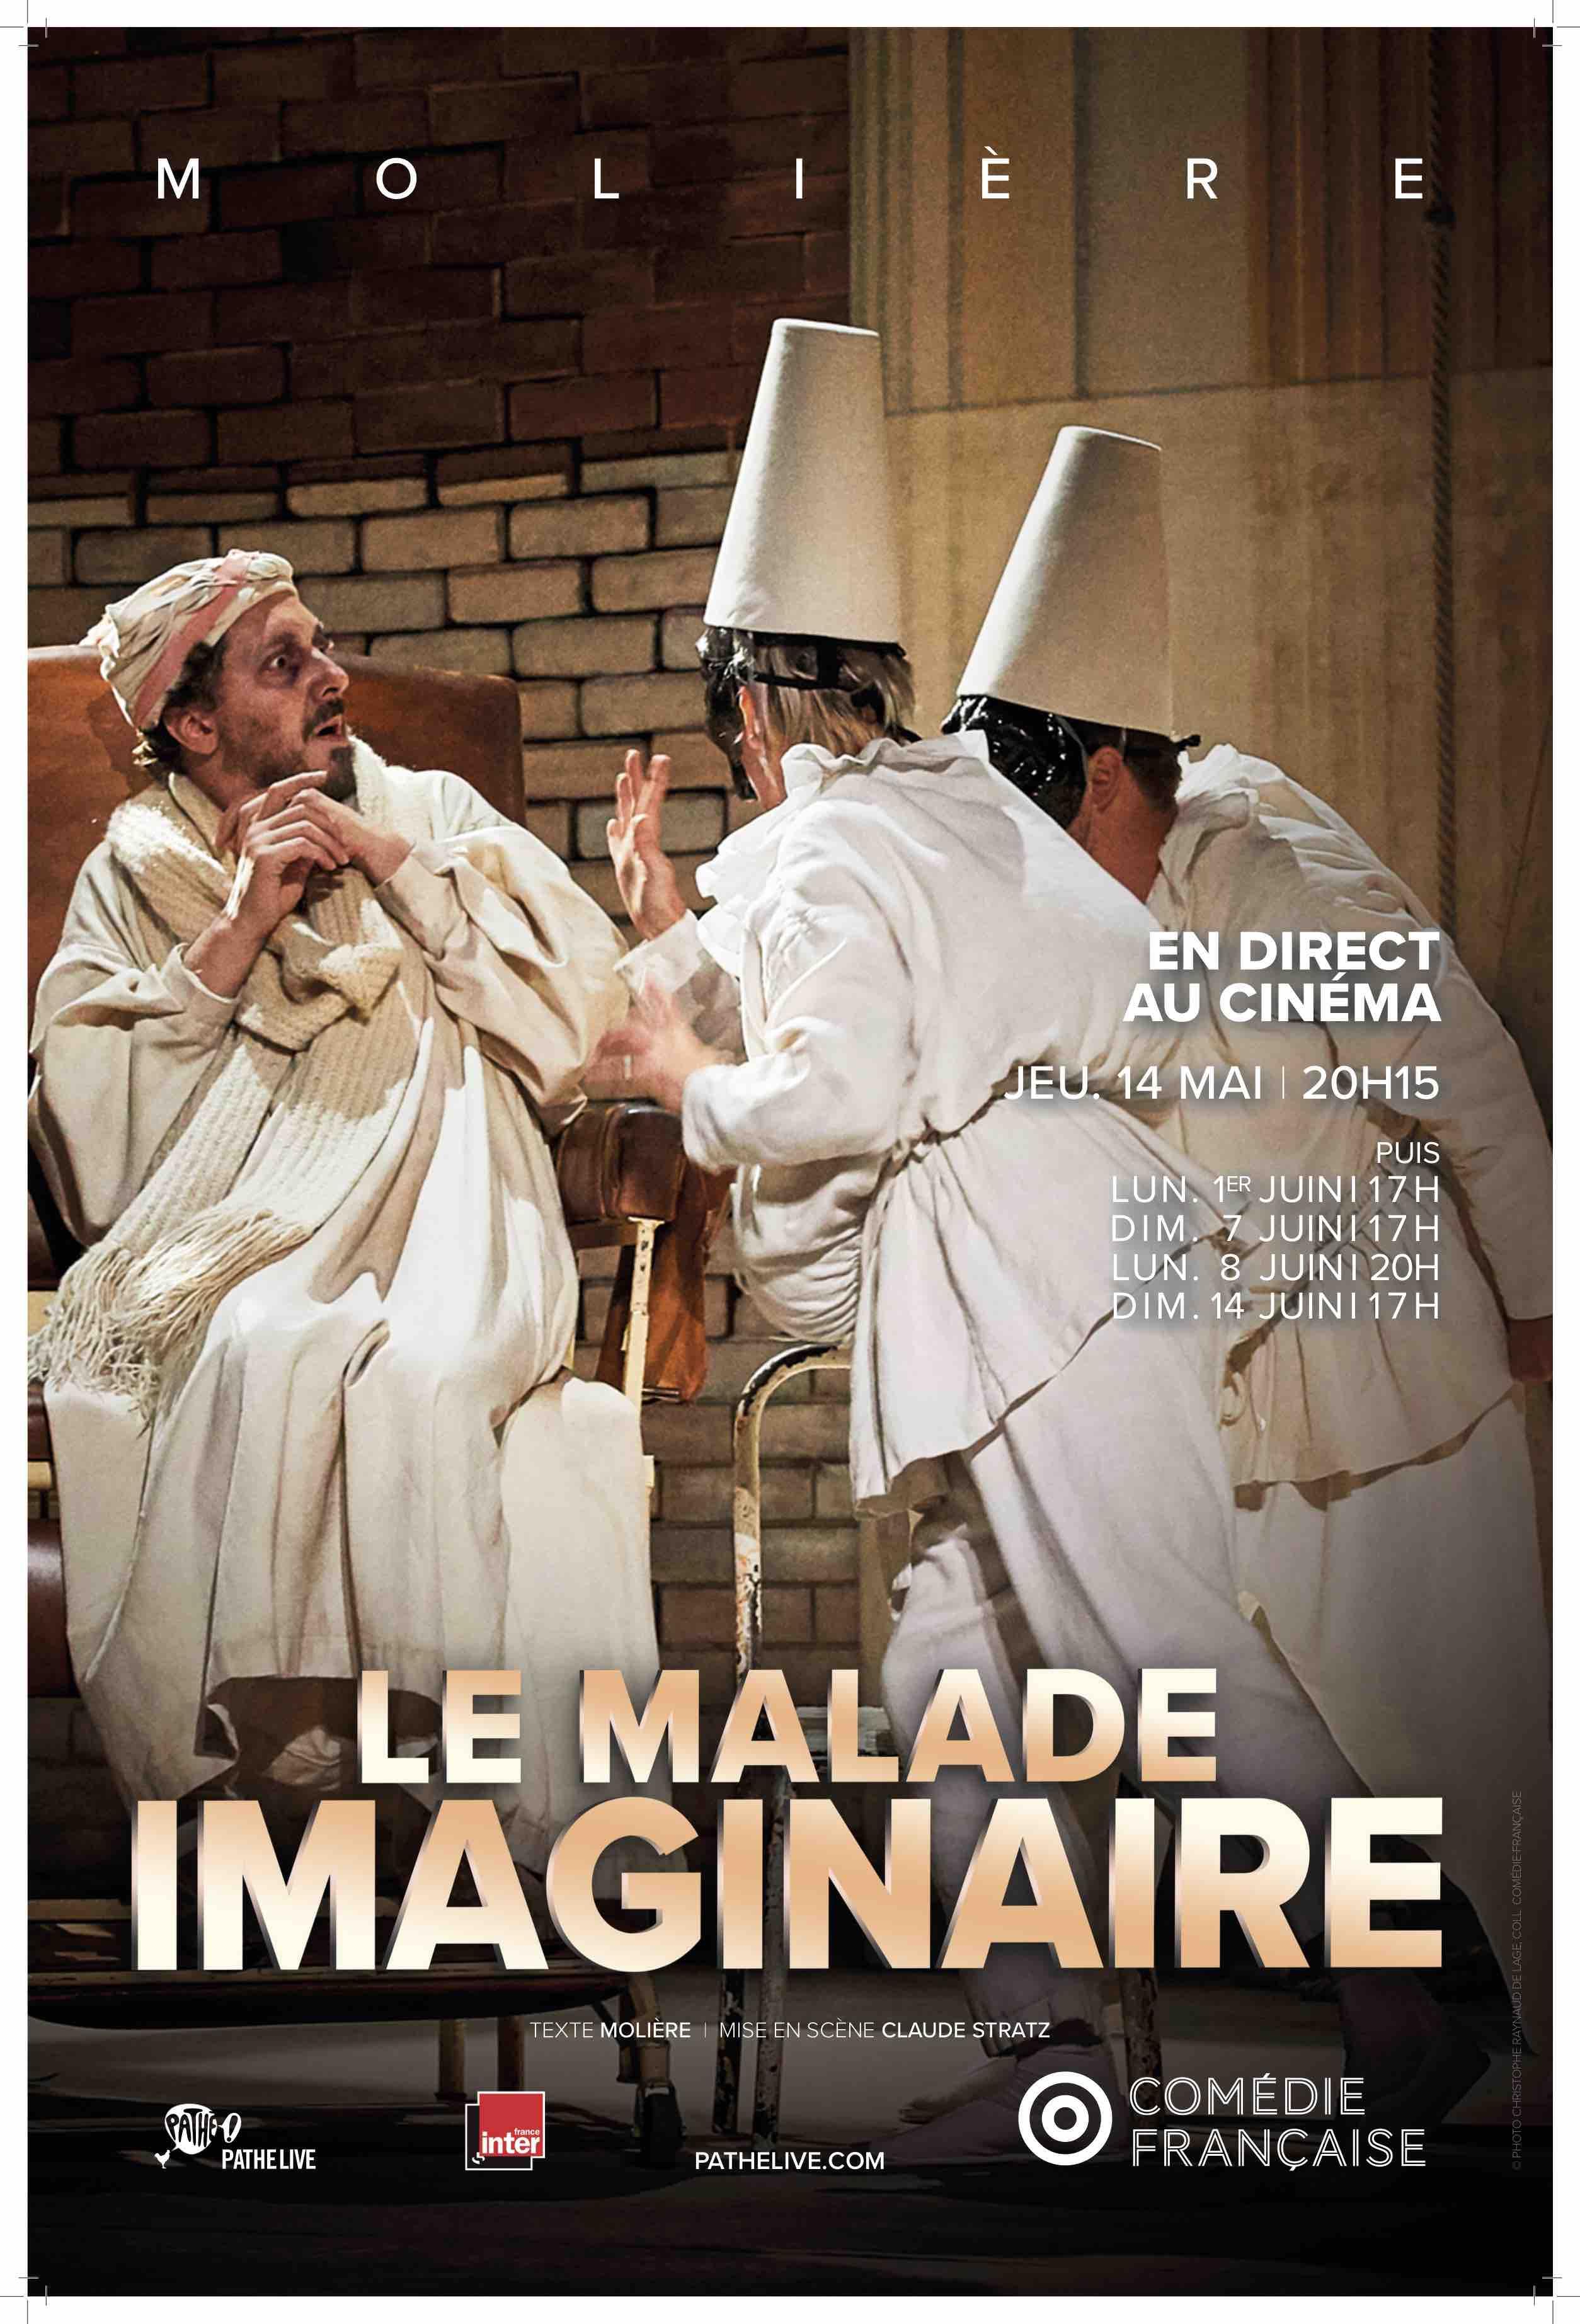 Image du film Le Malade imaginaire (Comédie-Française)